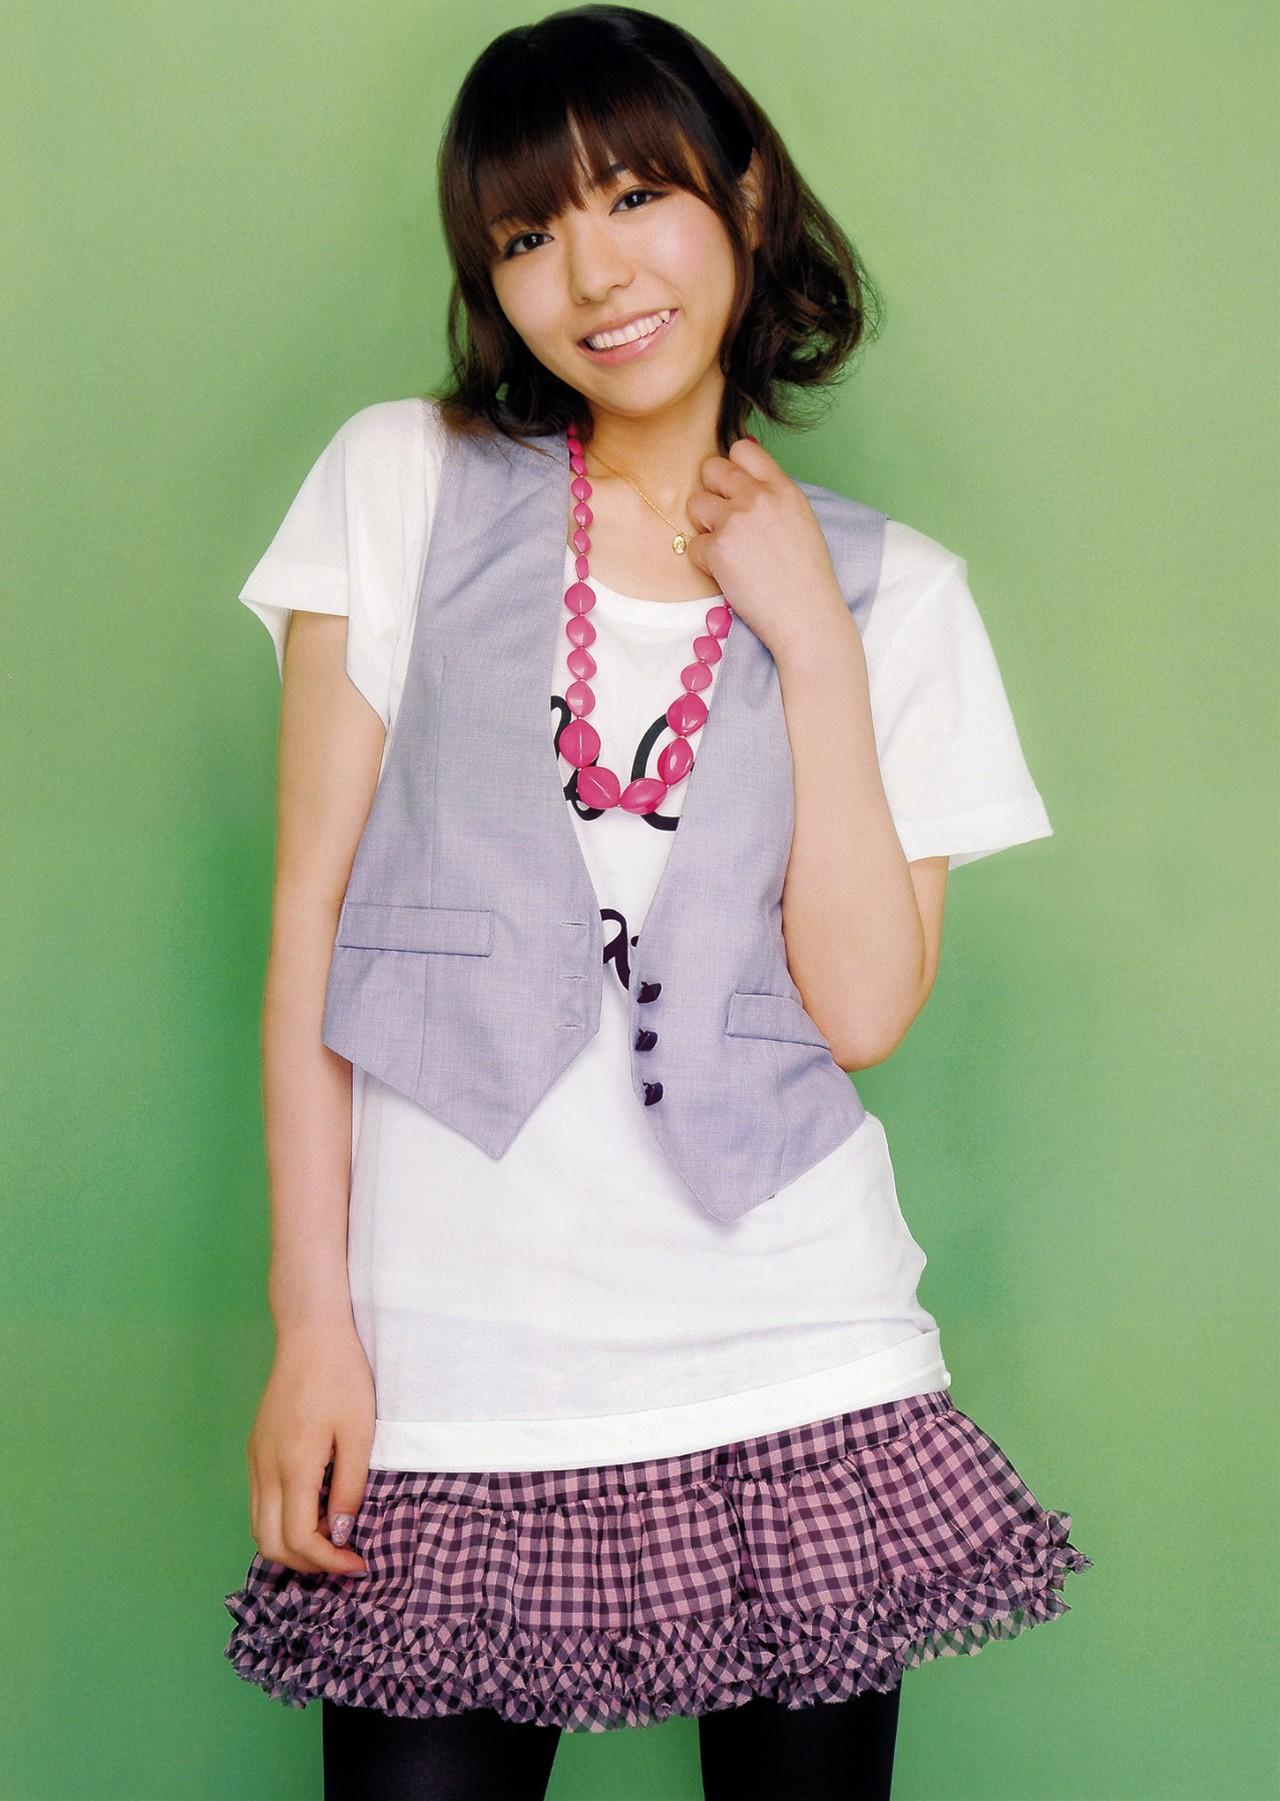 声優 豊崎愛生 セクシー 八重歯 顔アップ 笑顔 スカート 全身 エロかわいい画像3